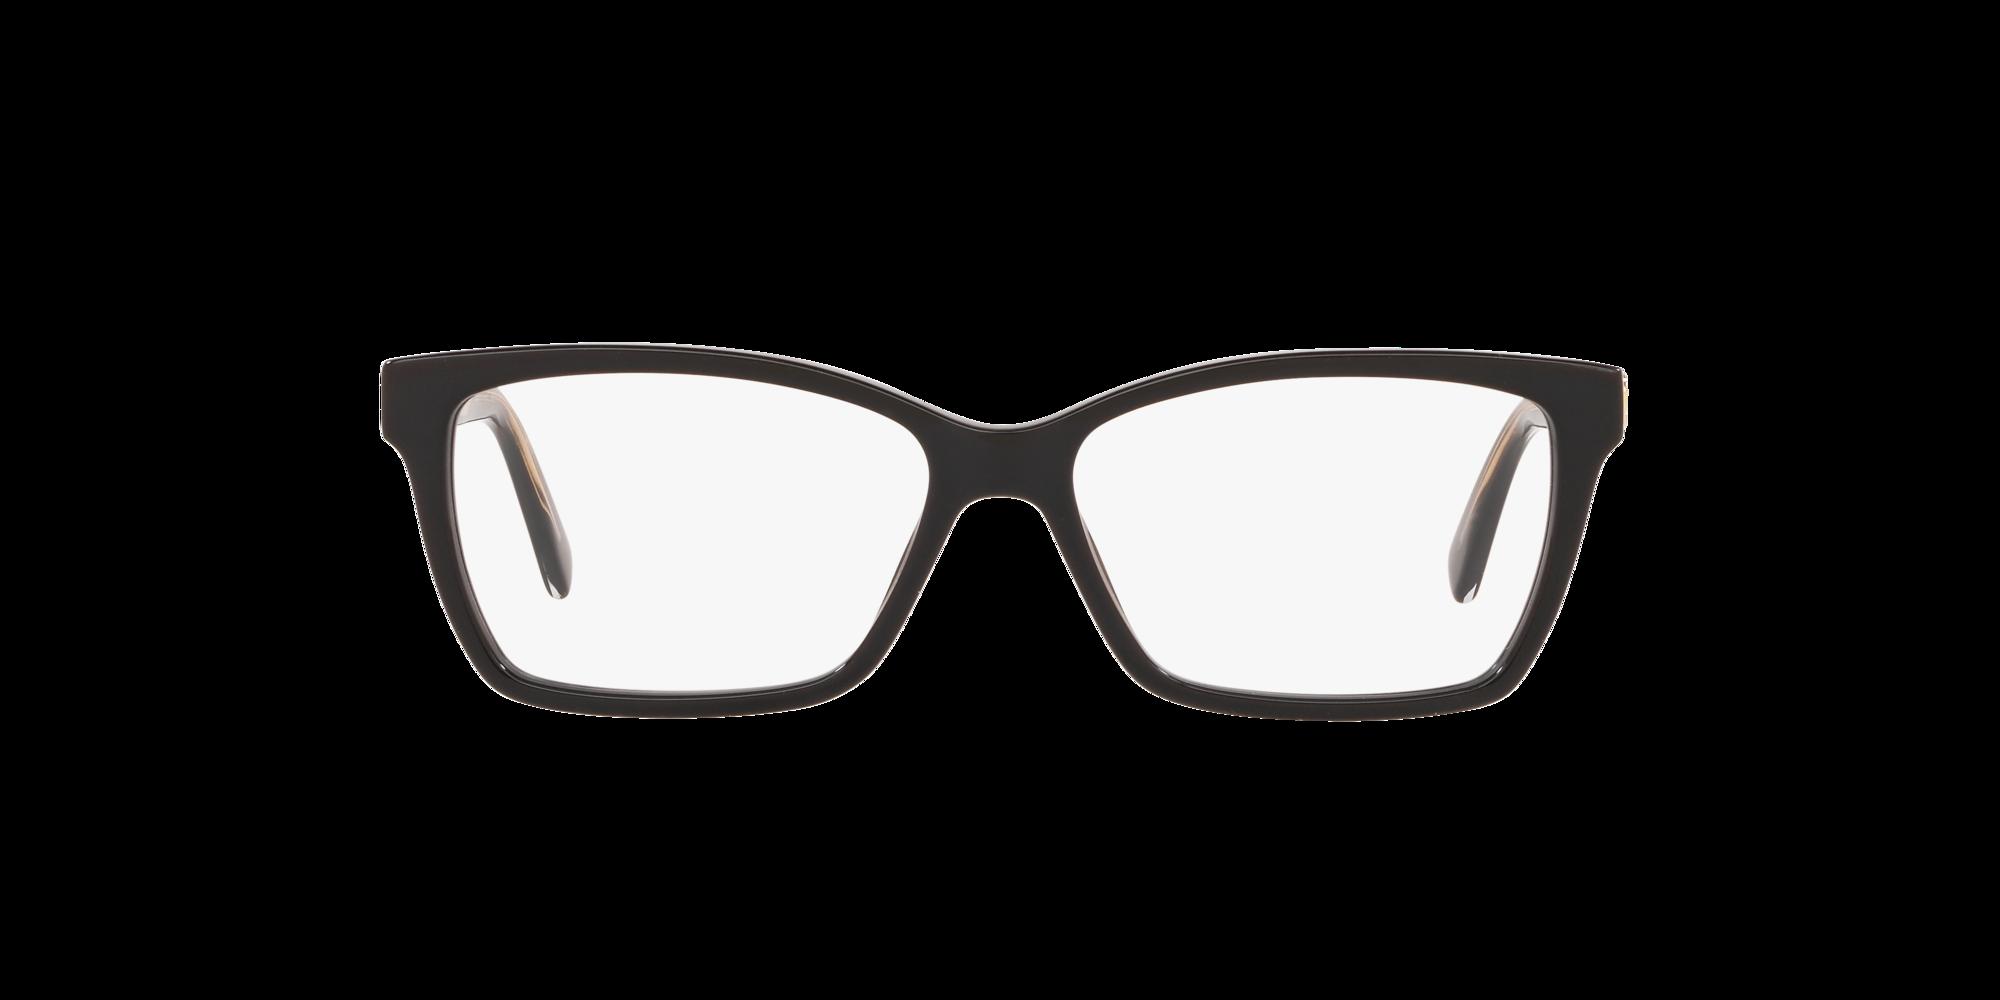 Imagen para GG0312O de LensCrafters |  Espejuelos, espejuelos graduados en línea, gafas